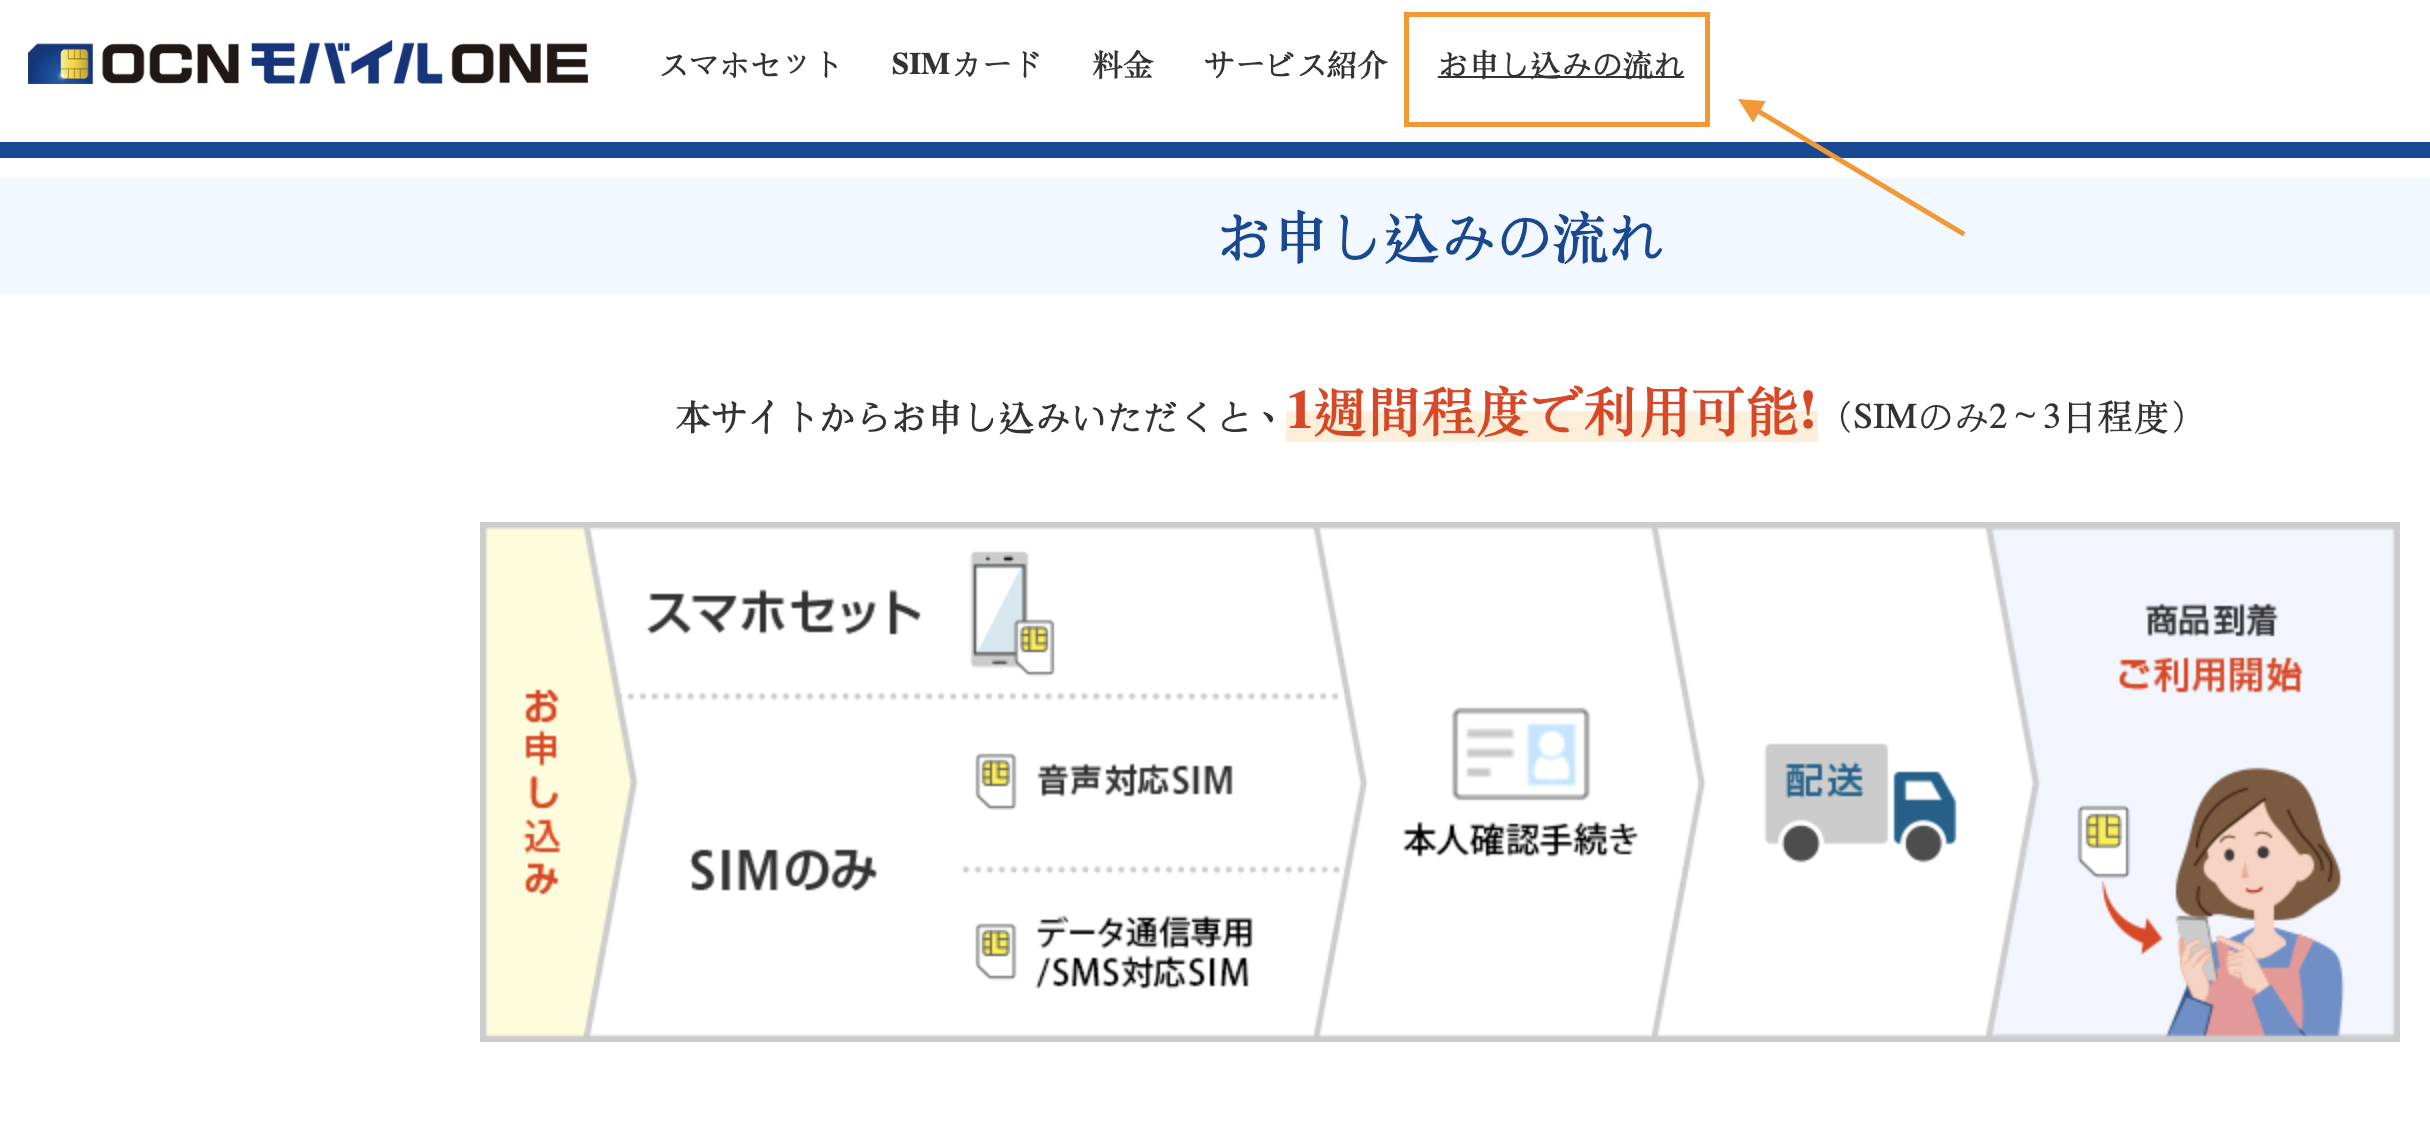 日本手機門號辦理-OCN Mobile ONE